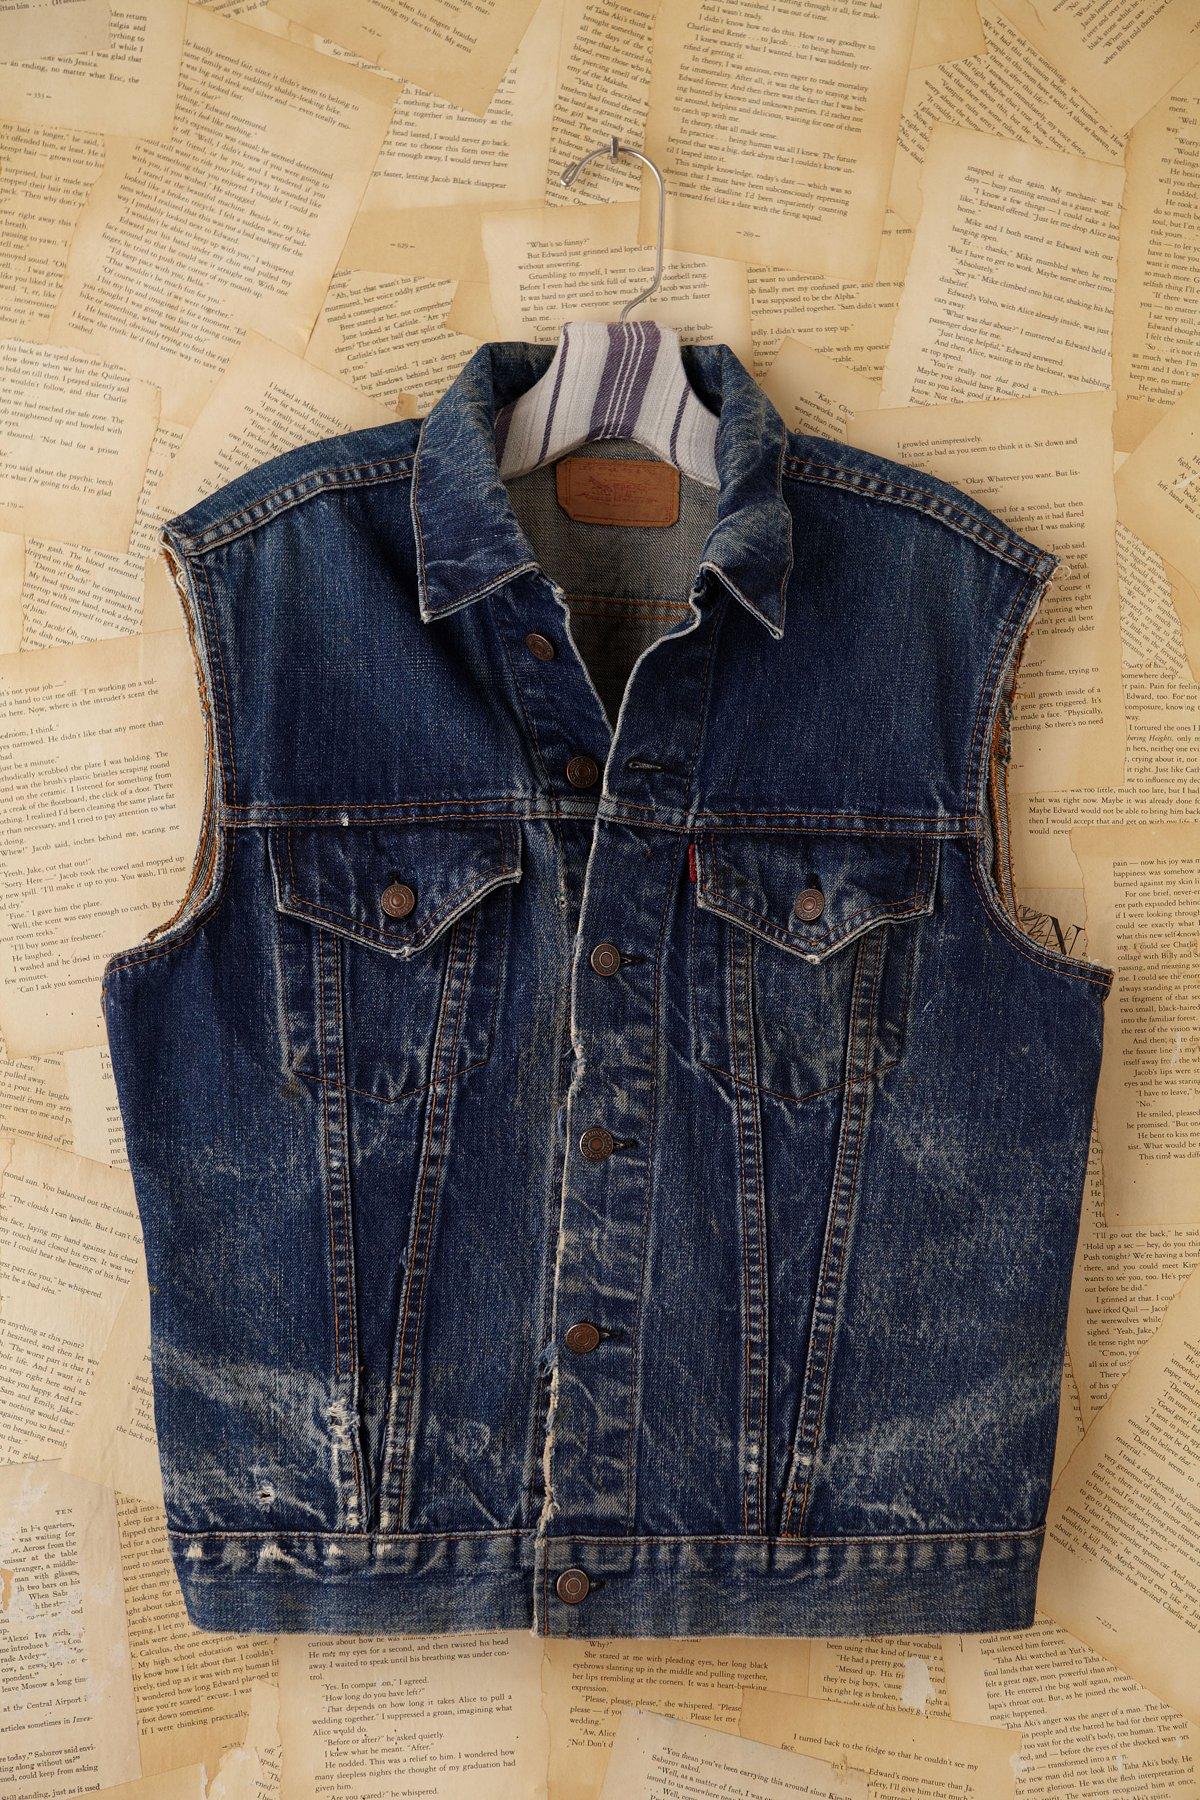 Vintage Distressed Denim Vest